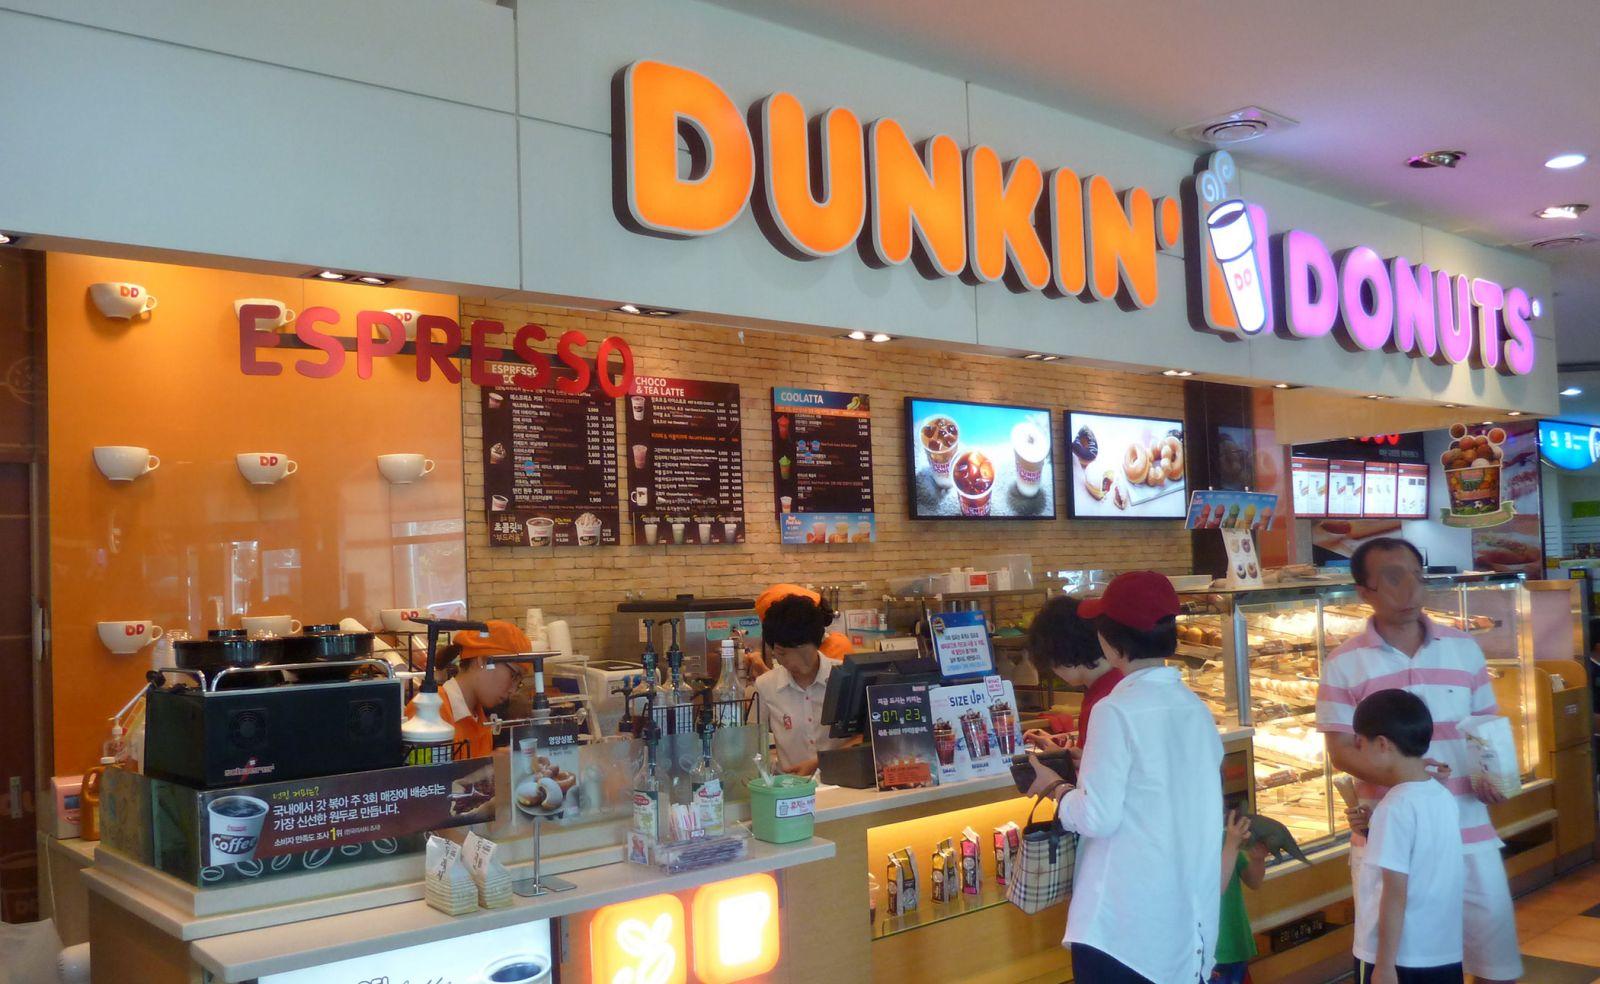 <p class='title-pro'>Dunkin Donuts - IPH Xuân Thủy</p><div class='box_info_pro'><div class='title_inf_pro'><span>Chủ đầu tư</span>: Công ty TNHH DV thực phẩm & Giải khát Cánh Diều Xanh</div><div class='title_inf_pro'><span>Vai trò đảm nhận</span>: Nhà thầu Cơ điện</div><div class='title_inf_pro'><span>Địa điểm</span>: Tầng trệt, Indochina Plaza, 241 Xuân Thủy, Hà Nội</div><div class='title_inf_pro'><span>Thời gian hoàn thành</span>: </div><p class='box-work'><span>Hạng mục công việc</span>: Cung cấp và thi công lắp đặt hệ thống Điện, điện nhẹ, cấp thoát nước & điều hòa thông gió.</p></div>